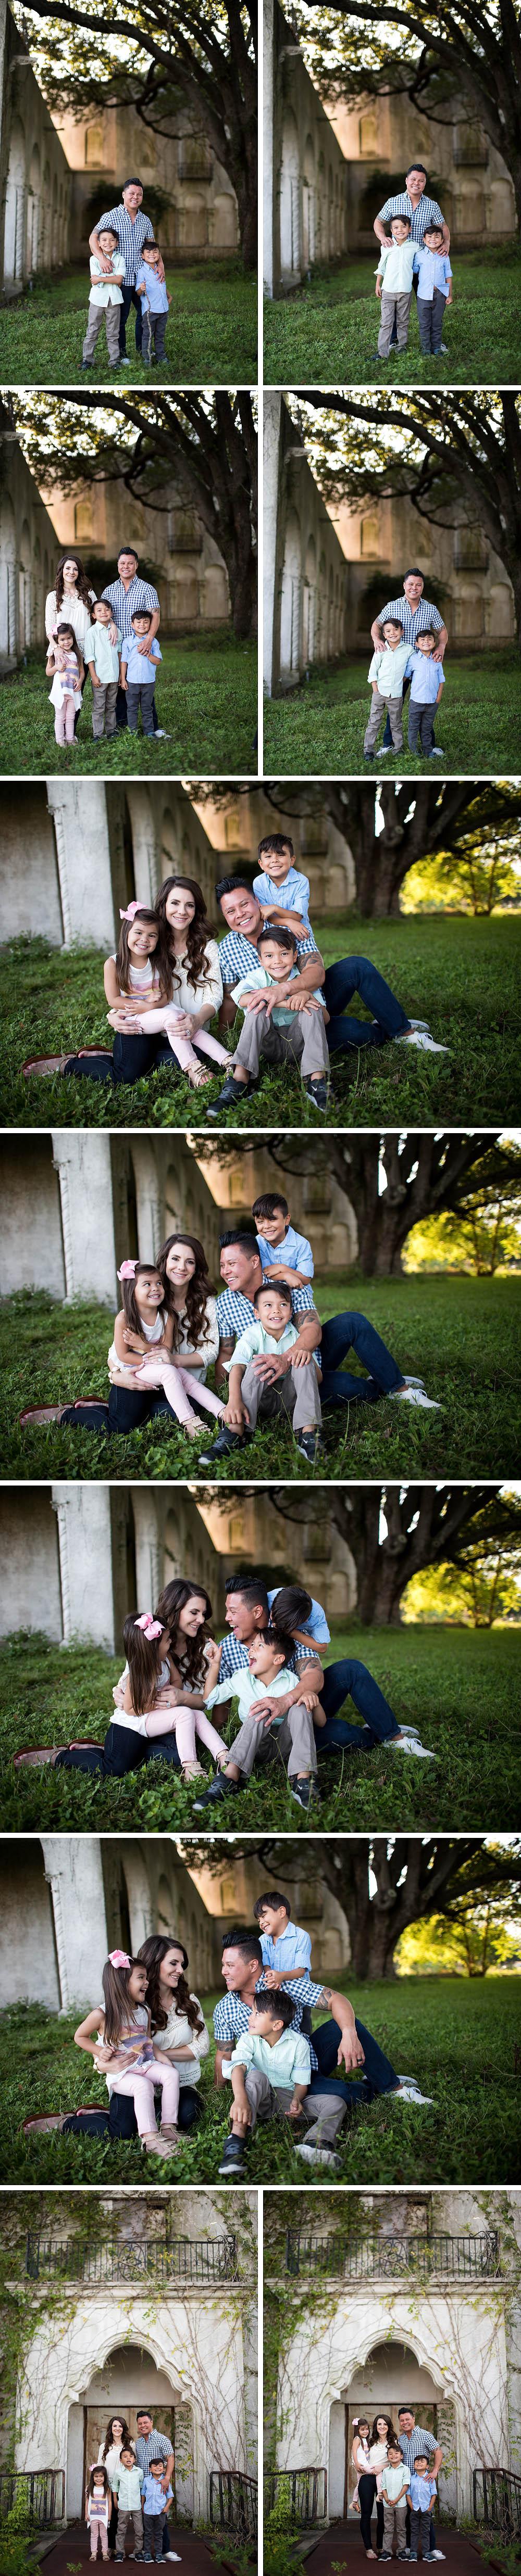 family blog 9